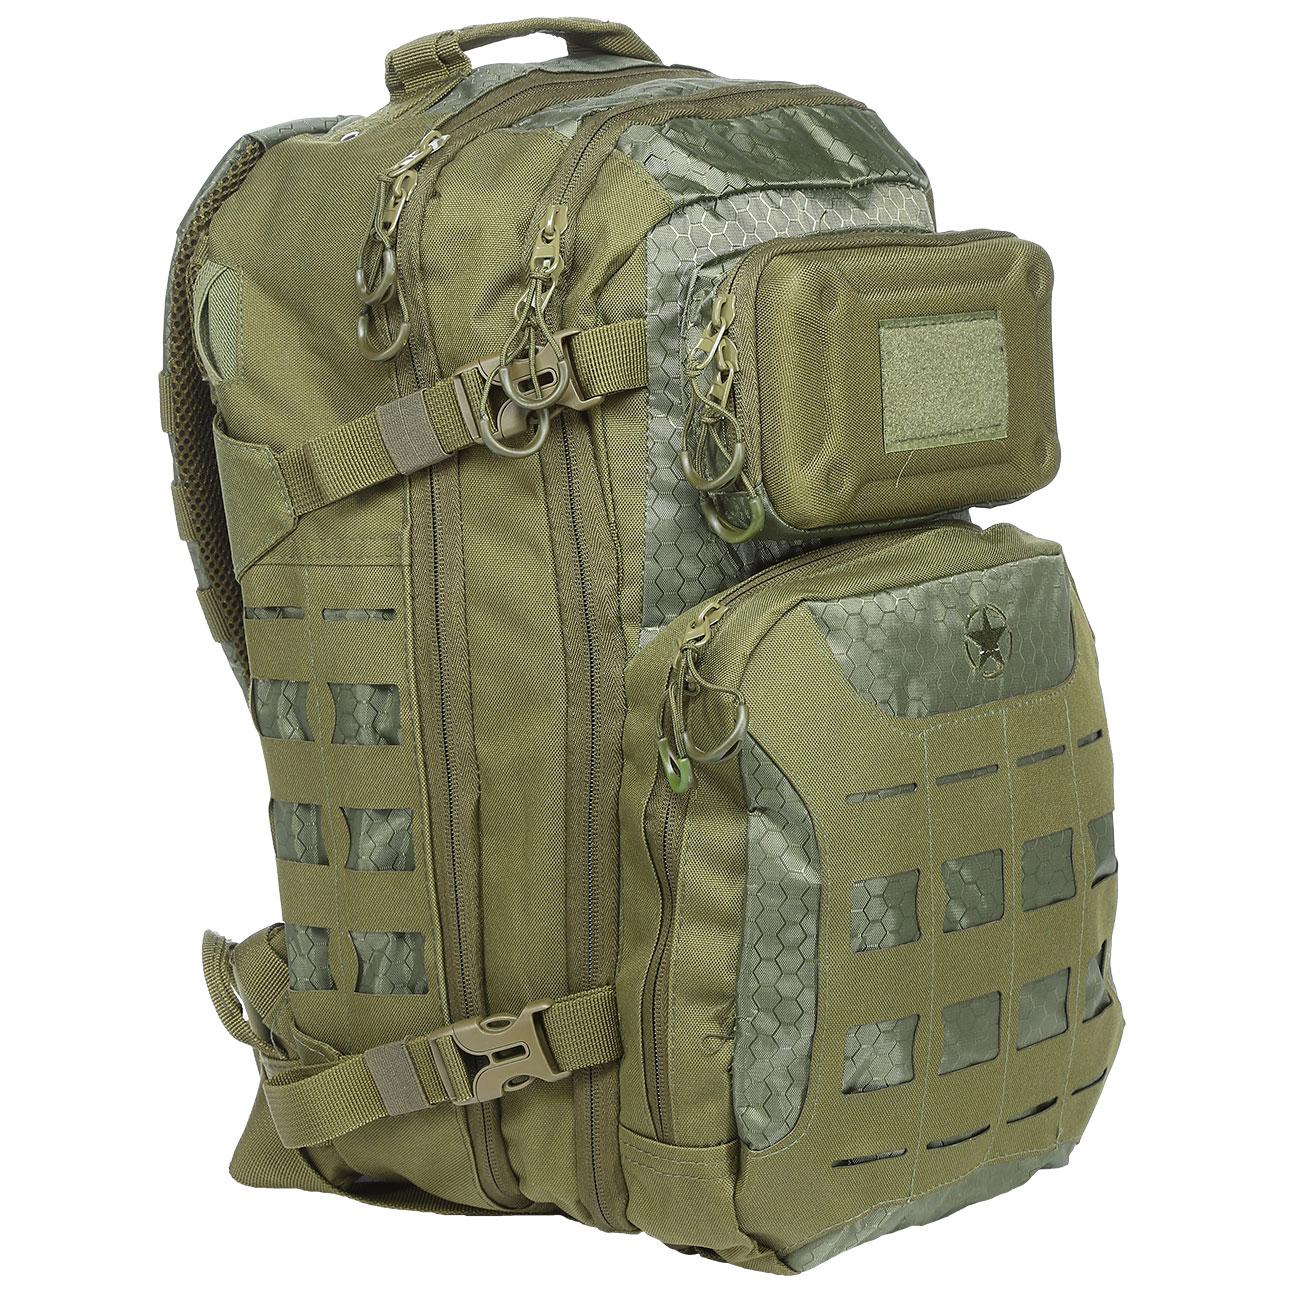 a56785d50cd89 MFH Rucksack Operation I 30 Liter oliv günstig kaufen - Kotte   Zeller